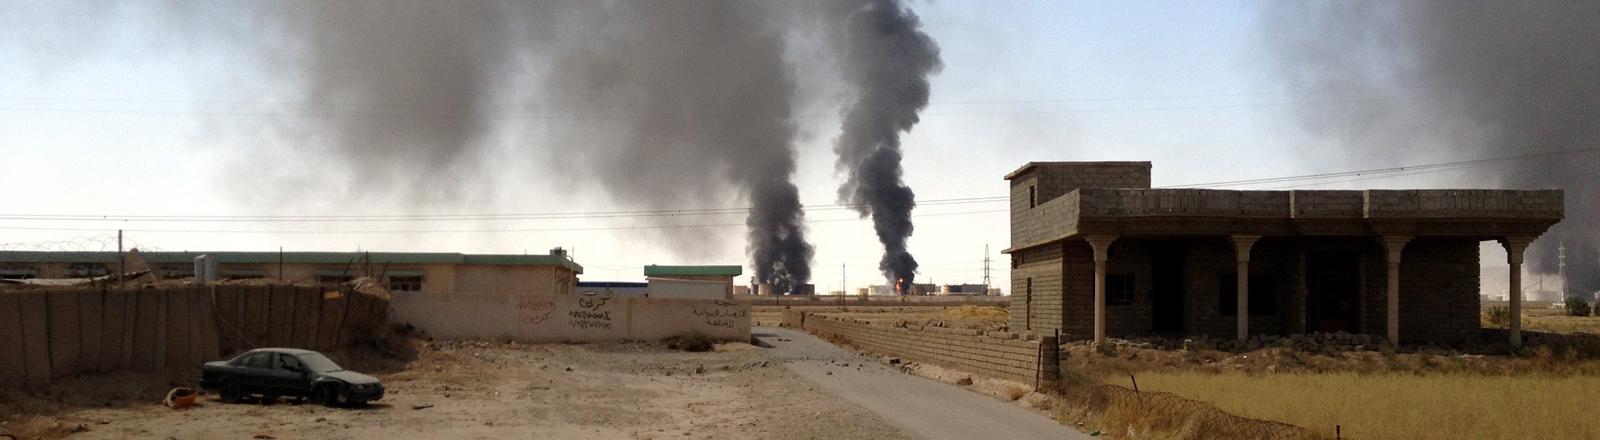 Eine brennende Ölraffinerie nach einem Angriff von IS in Baiji